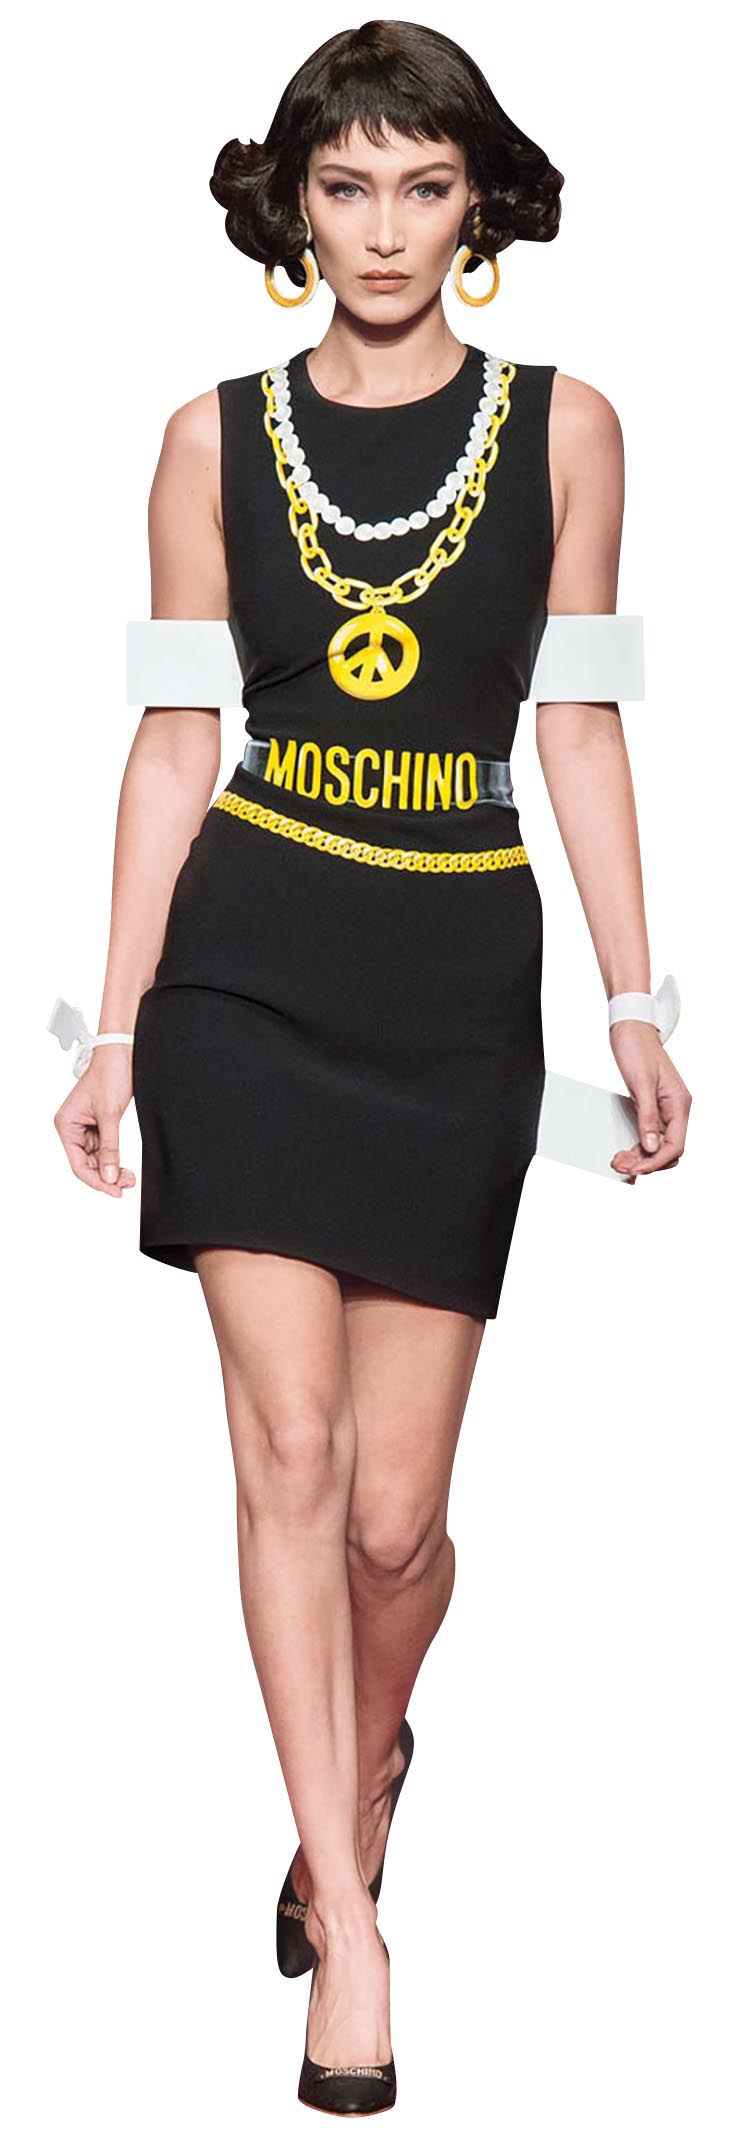 Moschino womenswear, SS17